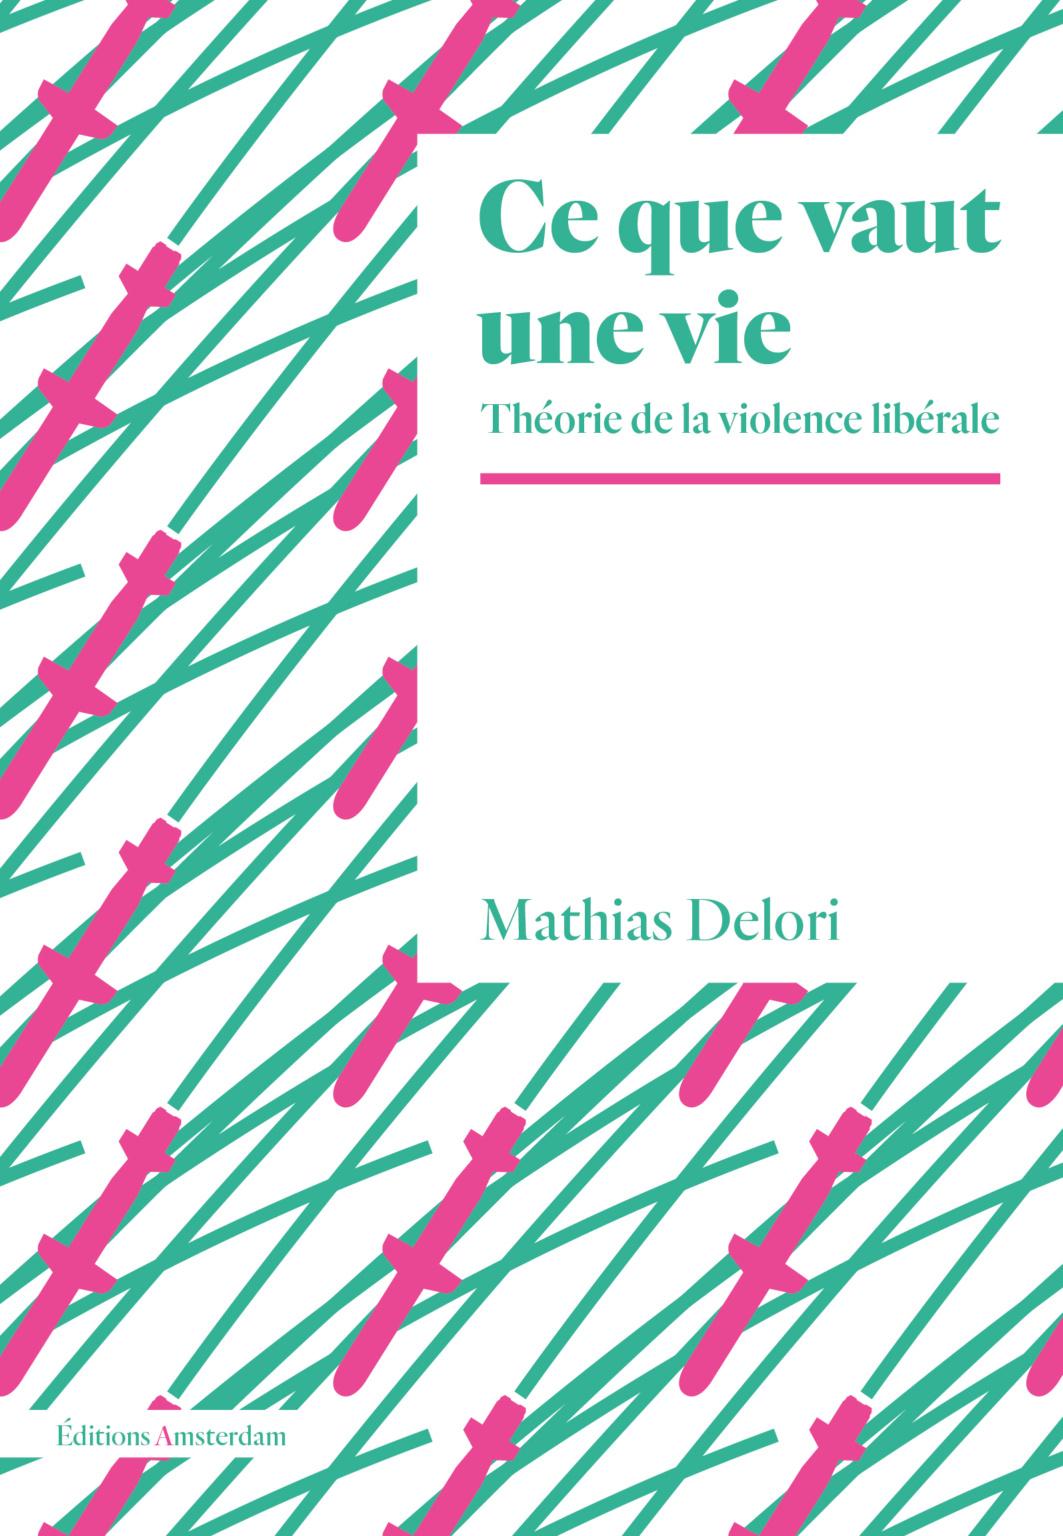 M. Delori, Ce que vaut une vie, Théorie de la violence libérale